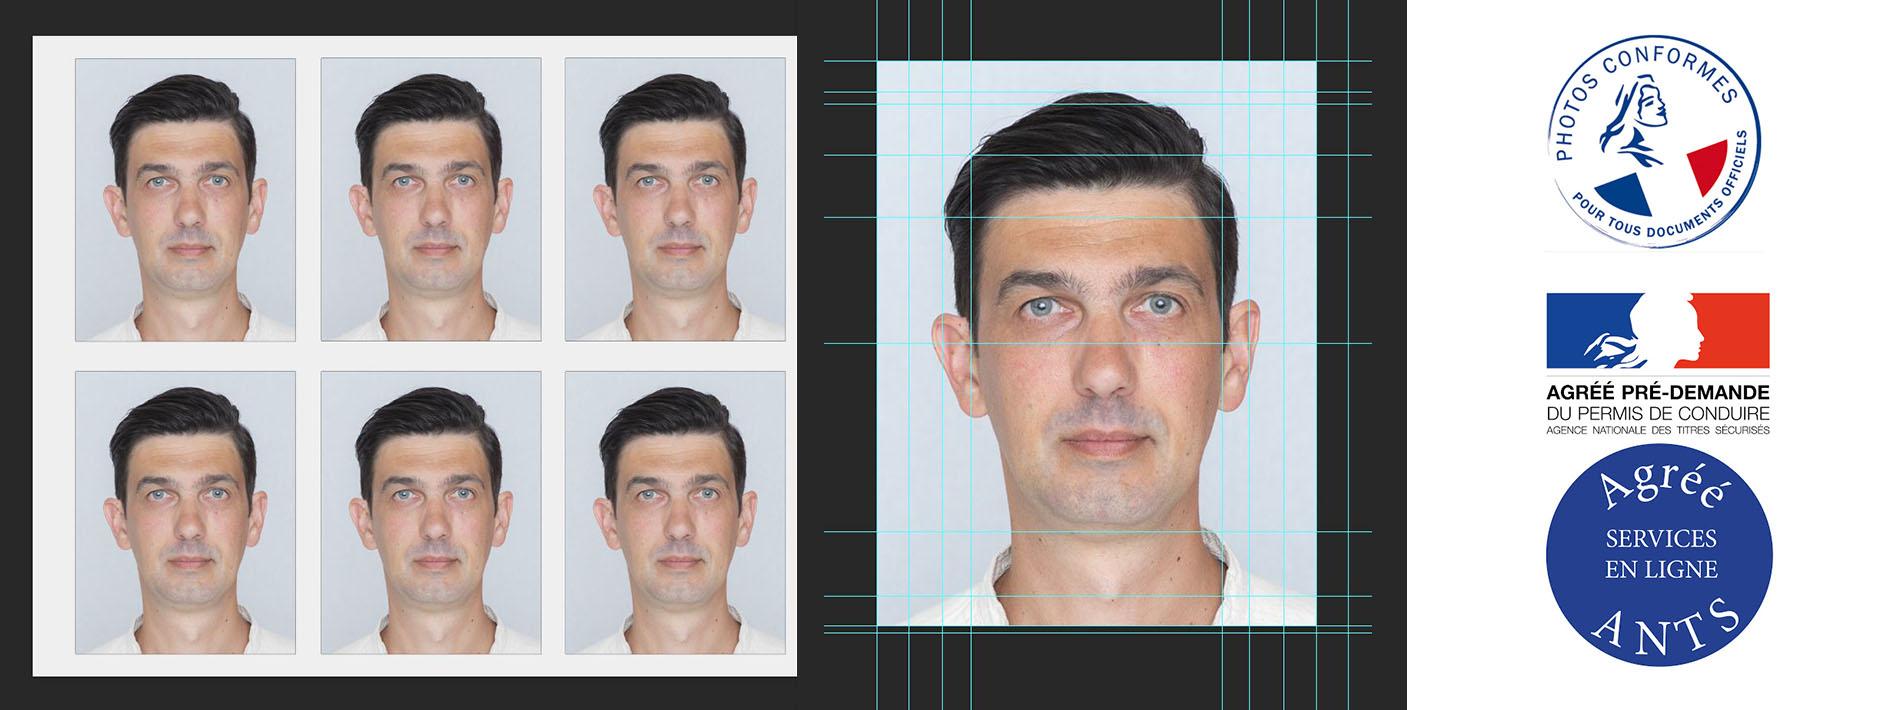 photo de catégorie Vos photos d'identité à Saint-Lô  pour passeport, carte nationale d'identité, permis de conduire et titres de séjour pour les étrangers. de Ludovic Souillat